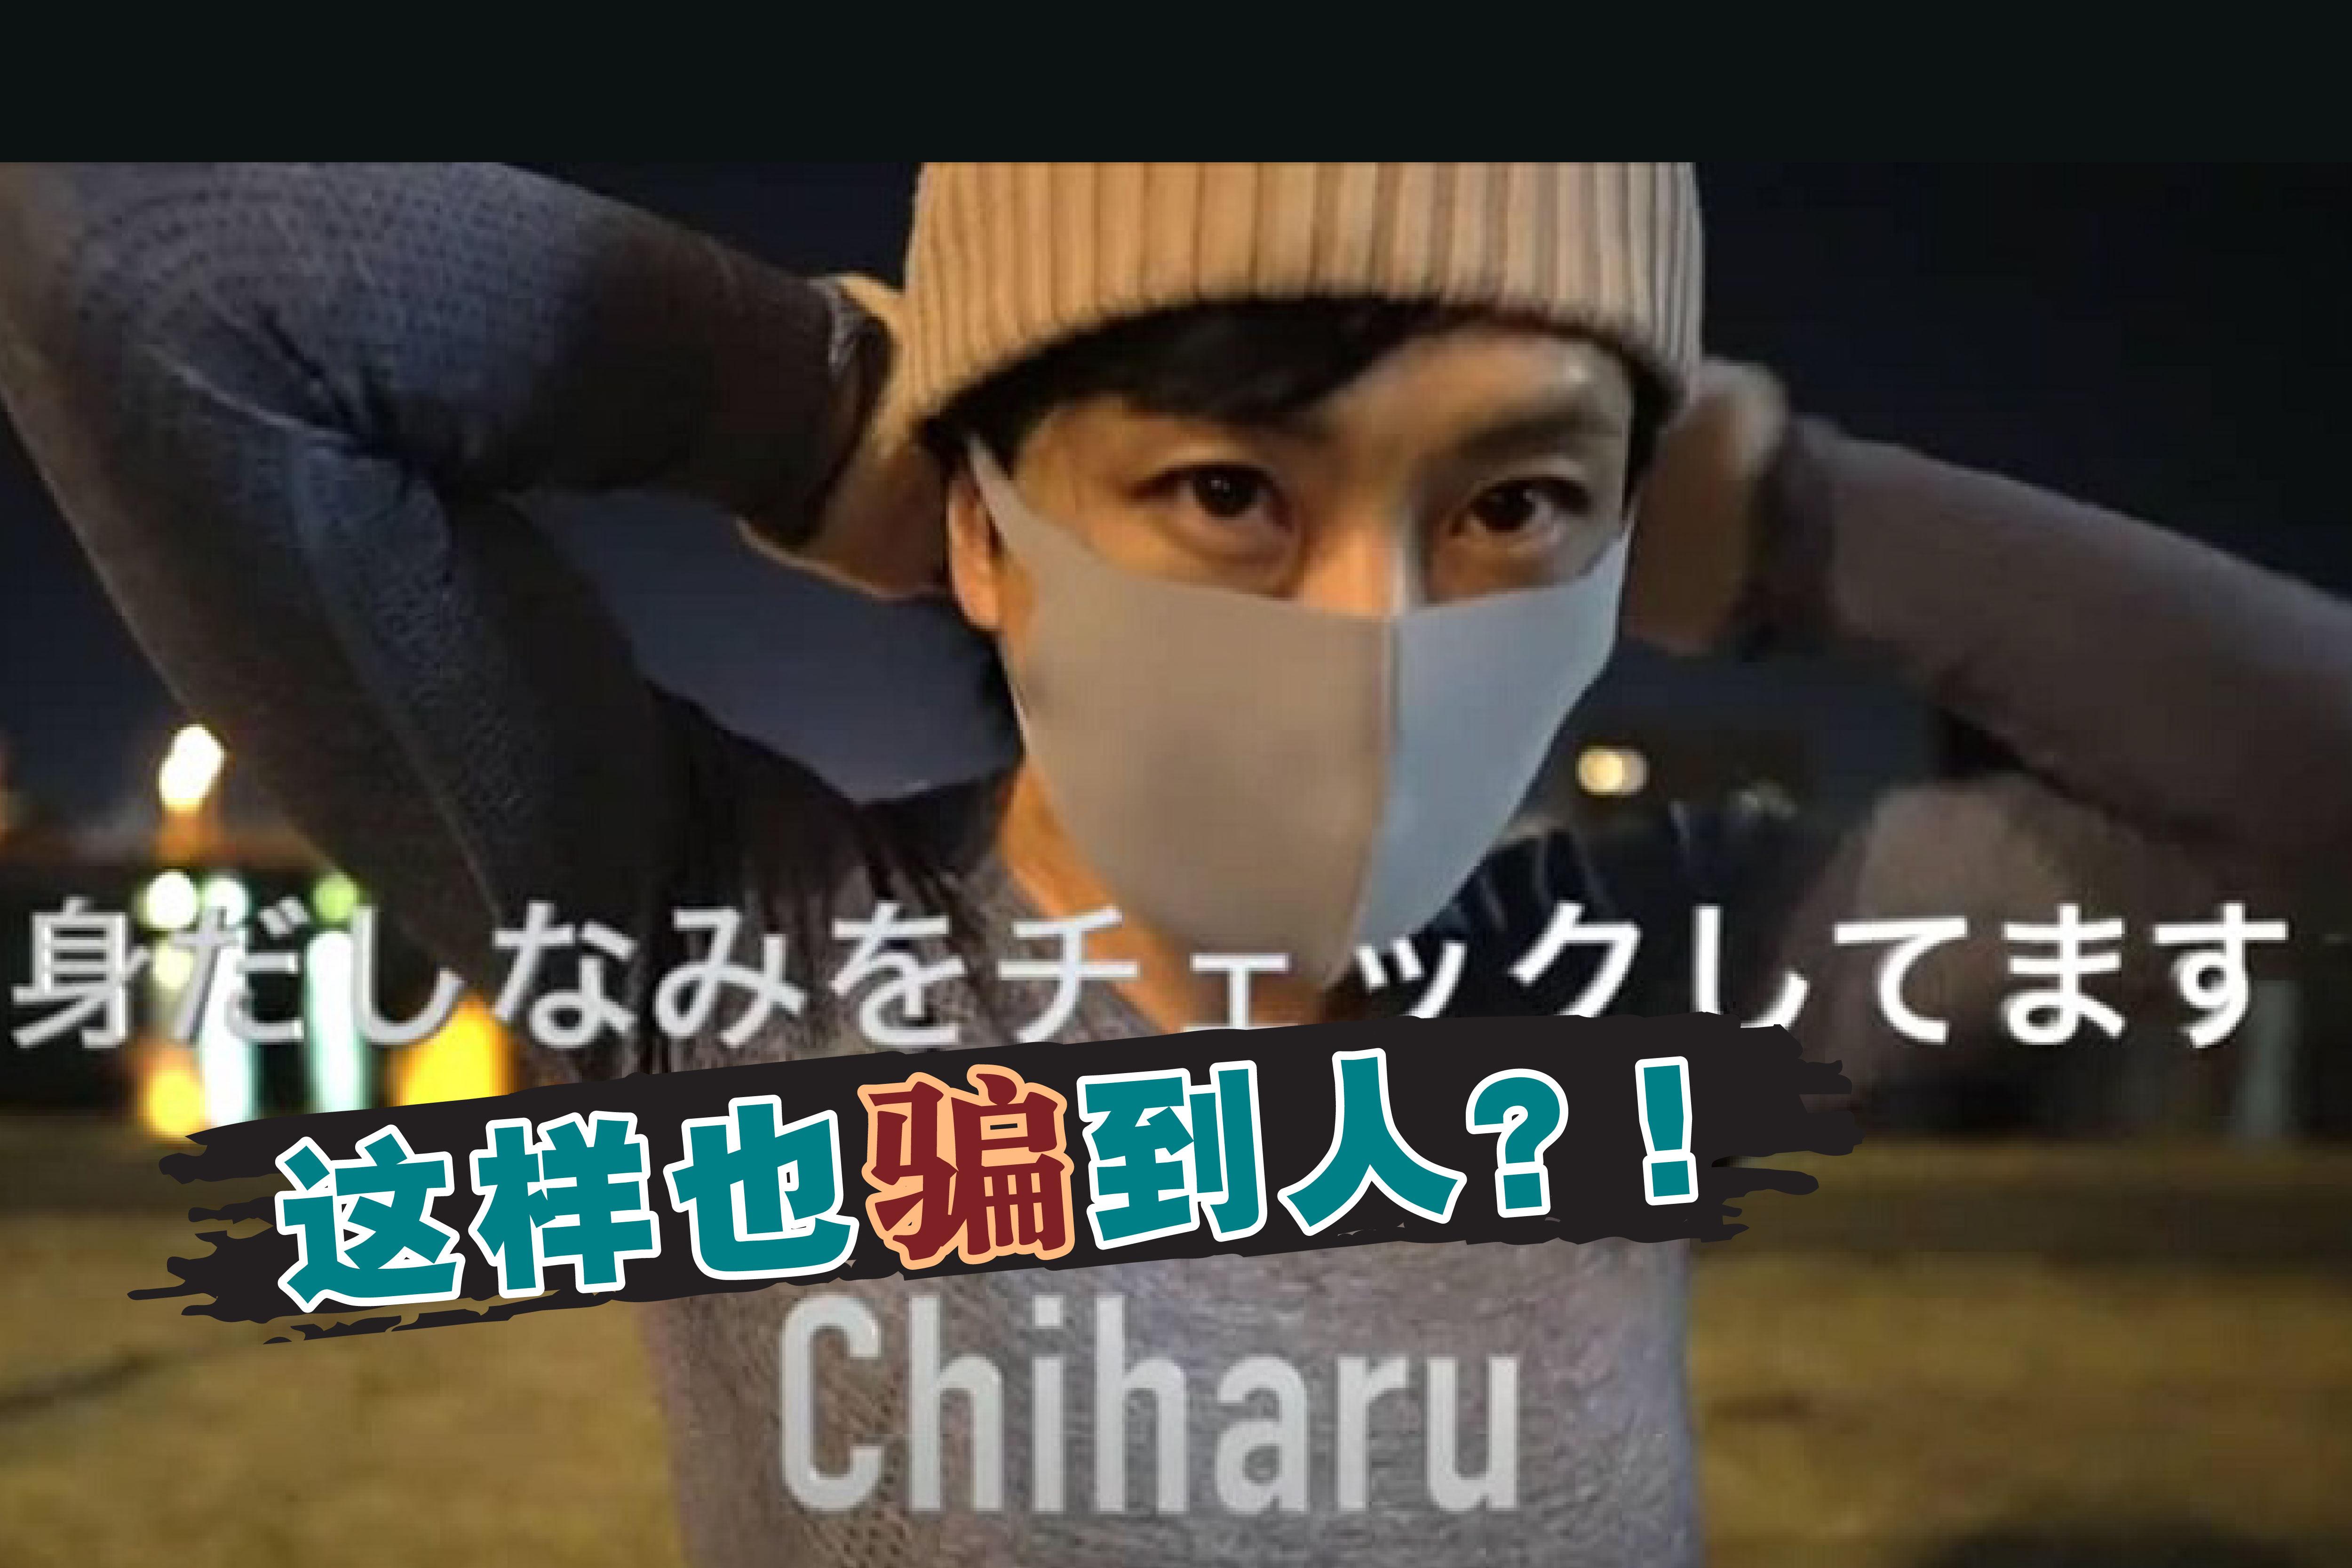 """这名在Youtube上自称千春(Chiharu)的男子近日在该频道上""""自首"""",更表示对欺骗追随者感到抱歉。-精彩大马制图-"""